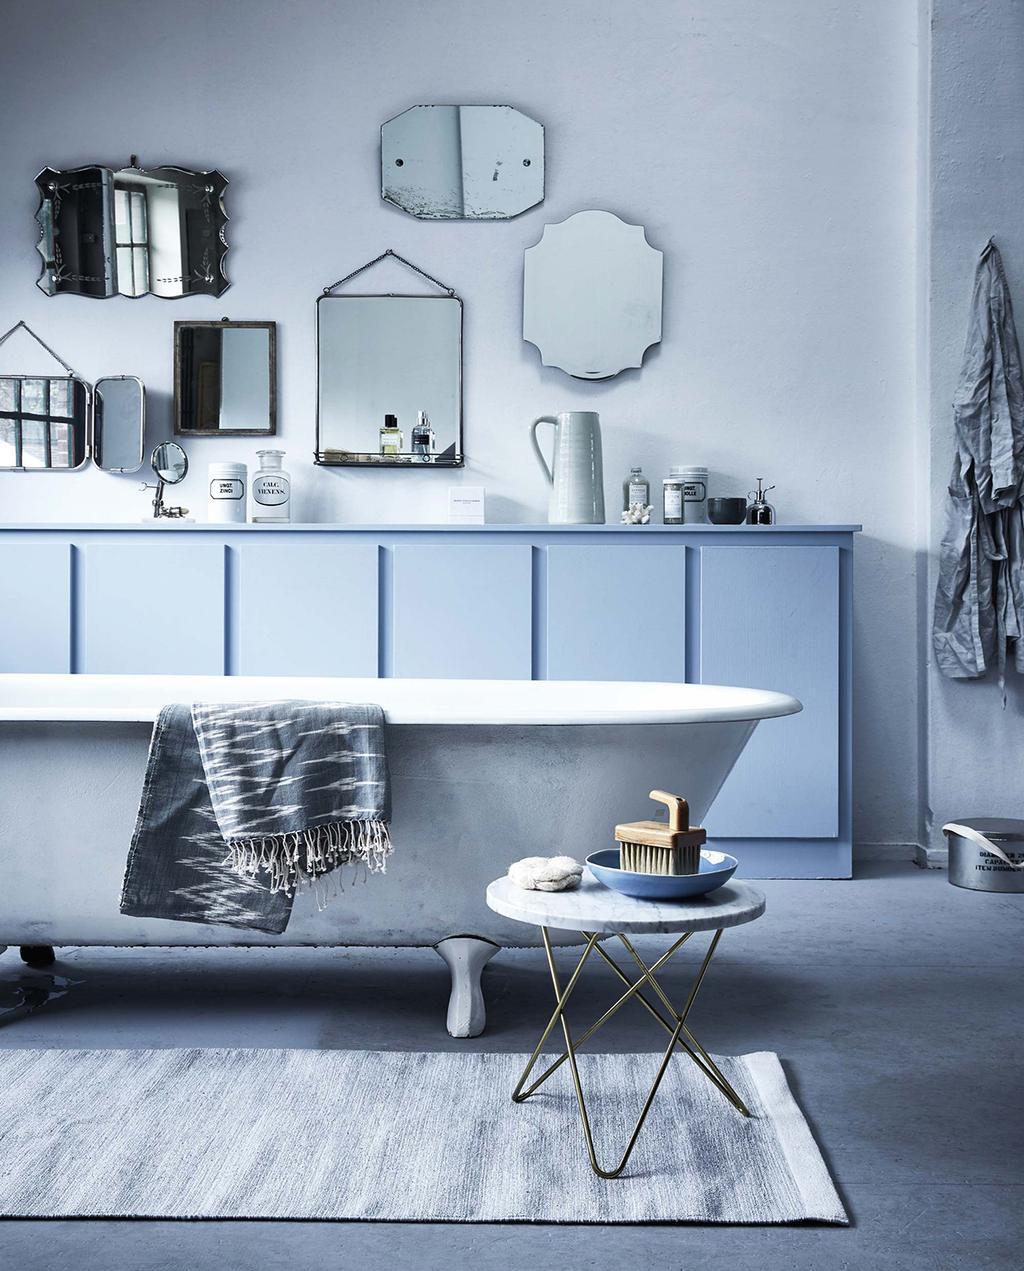 vtwonen 05-2016 | badkamer met verschillende spiegels aan de muur